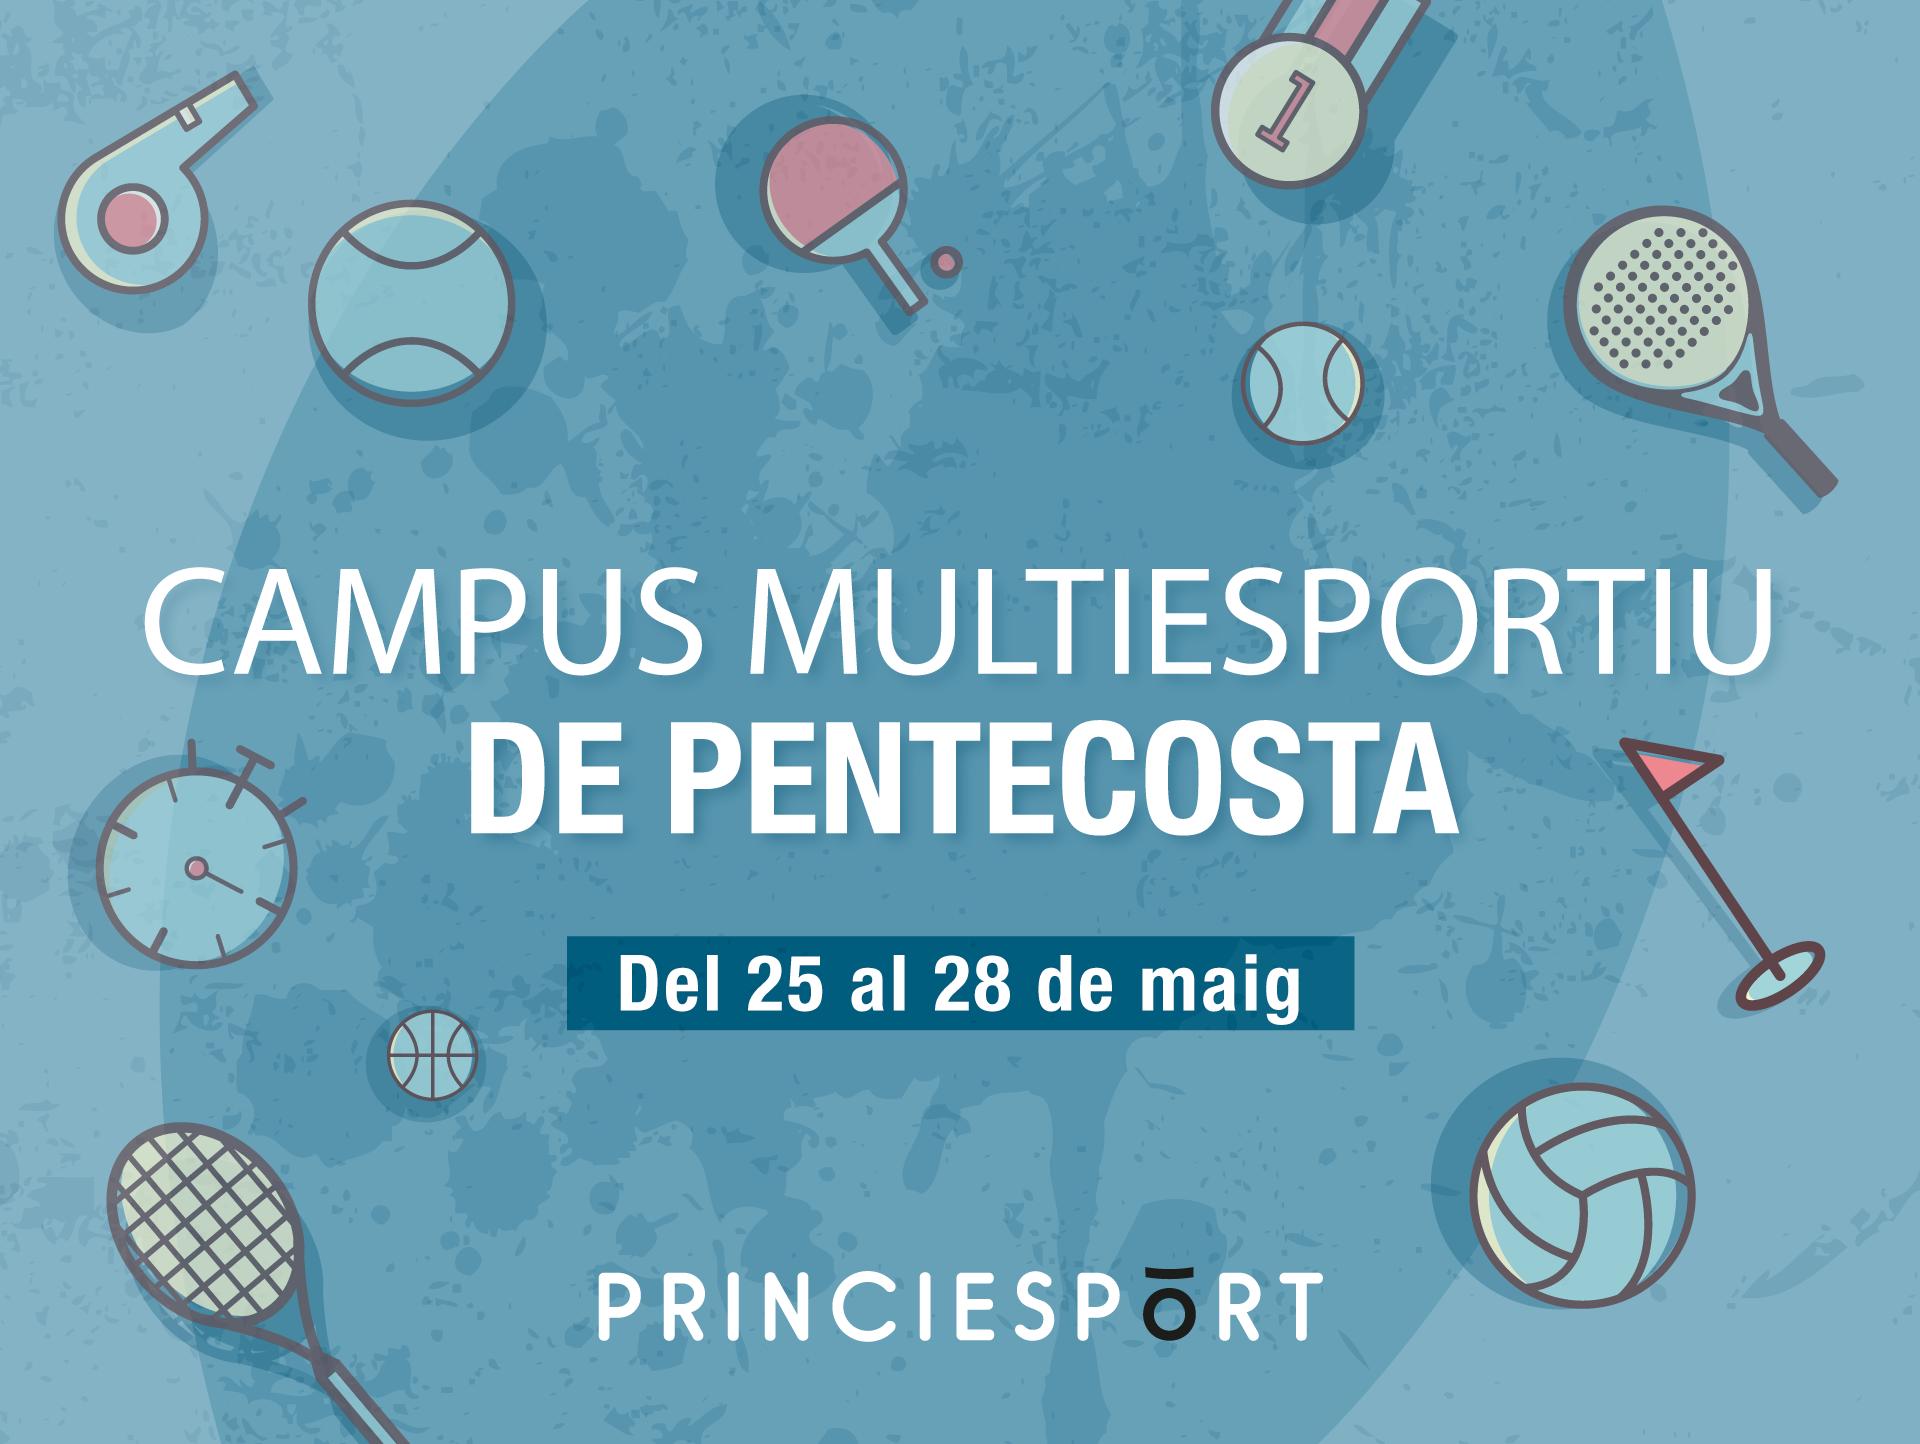 Inscriu-te al Campus Multiesportiu de Pentecosta